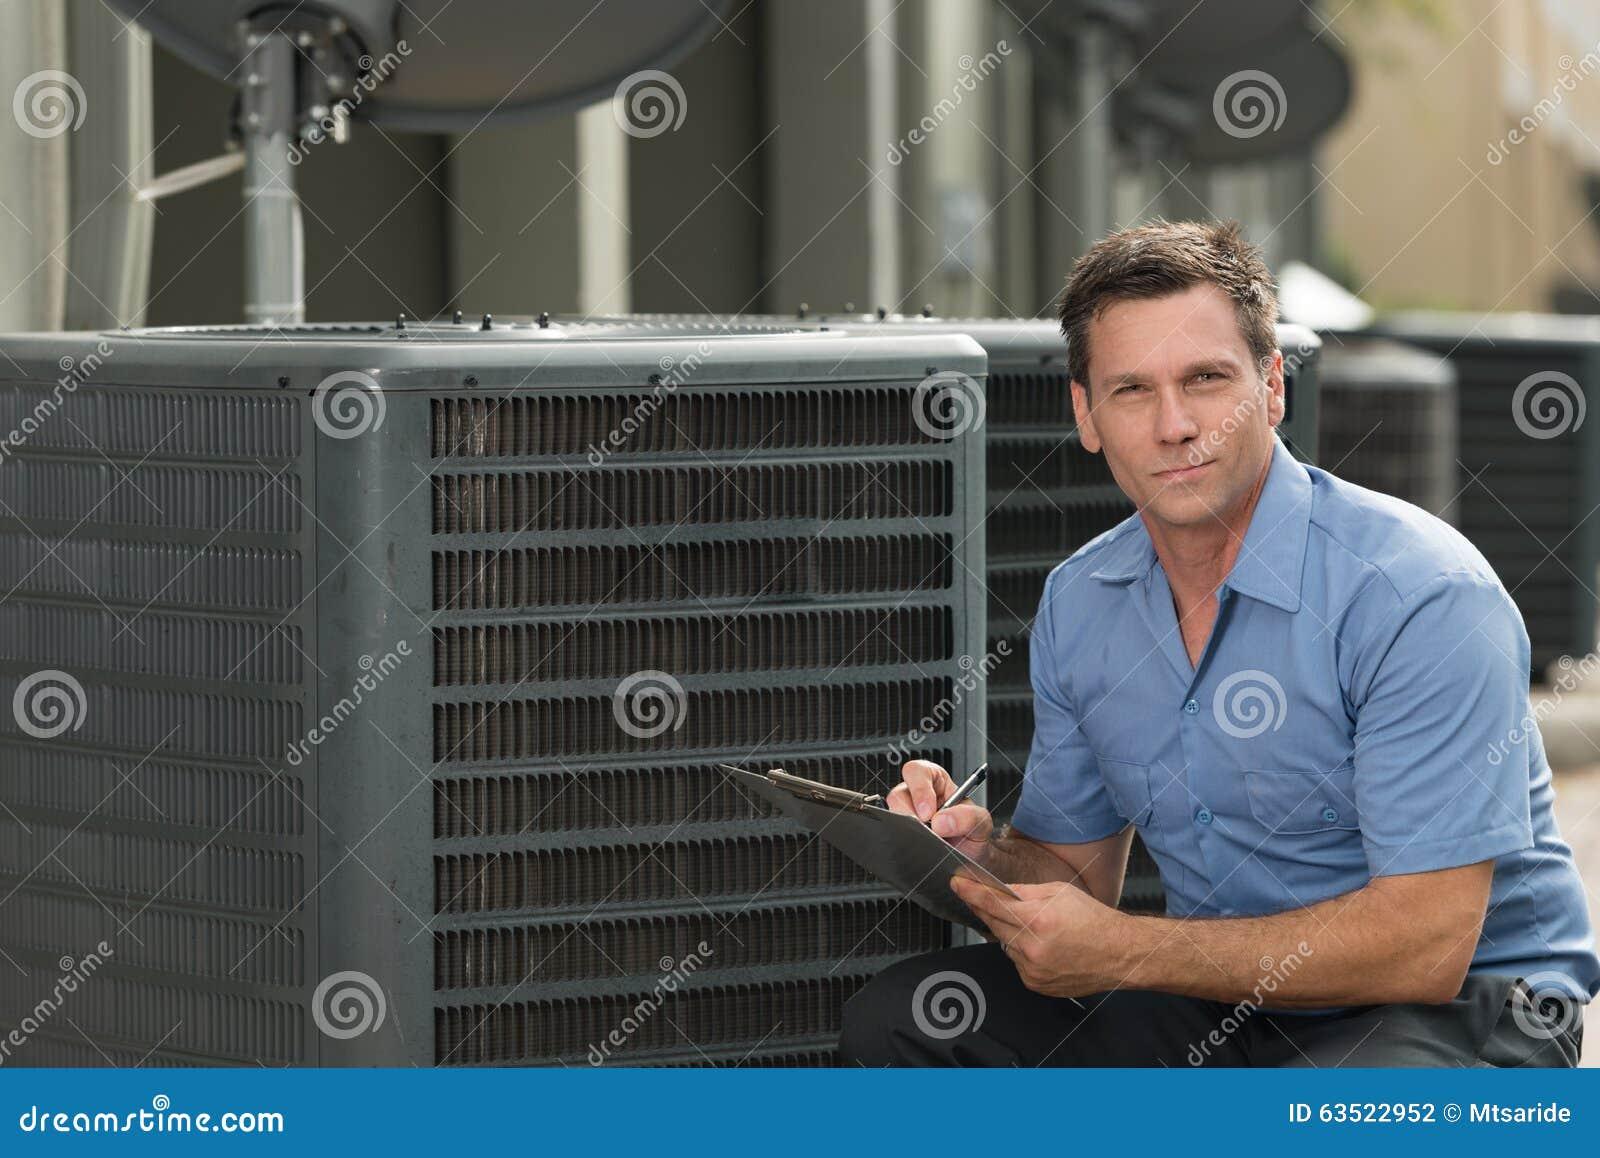 Air Conditioning Repairman Stock Photo Image Of Caucasian